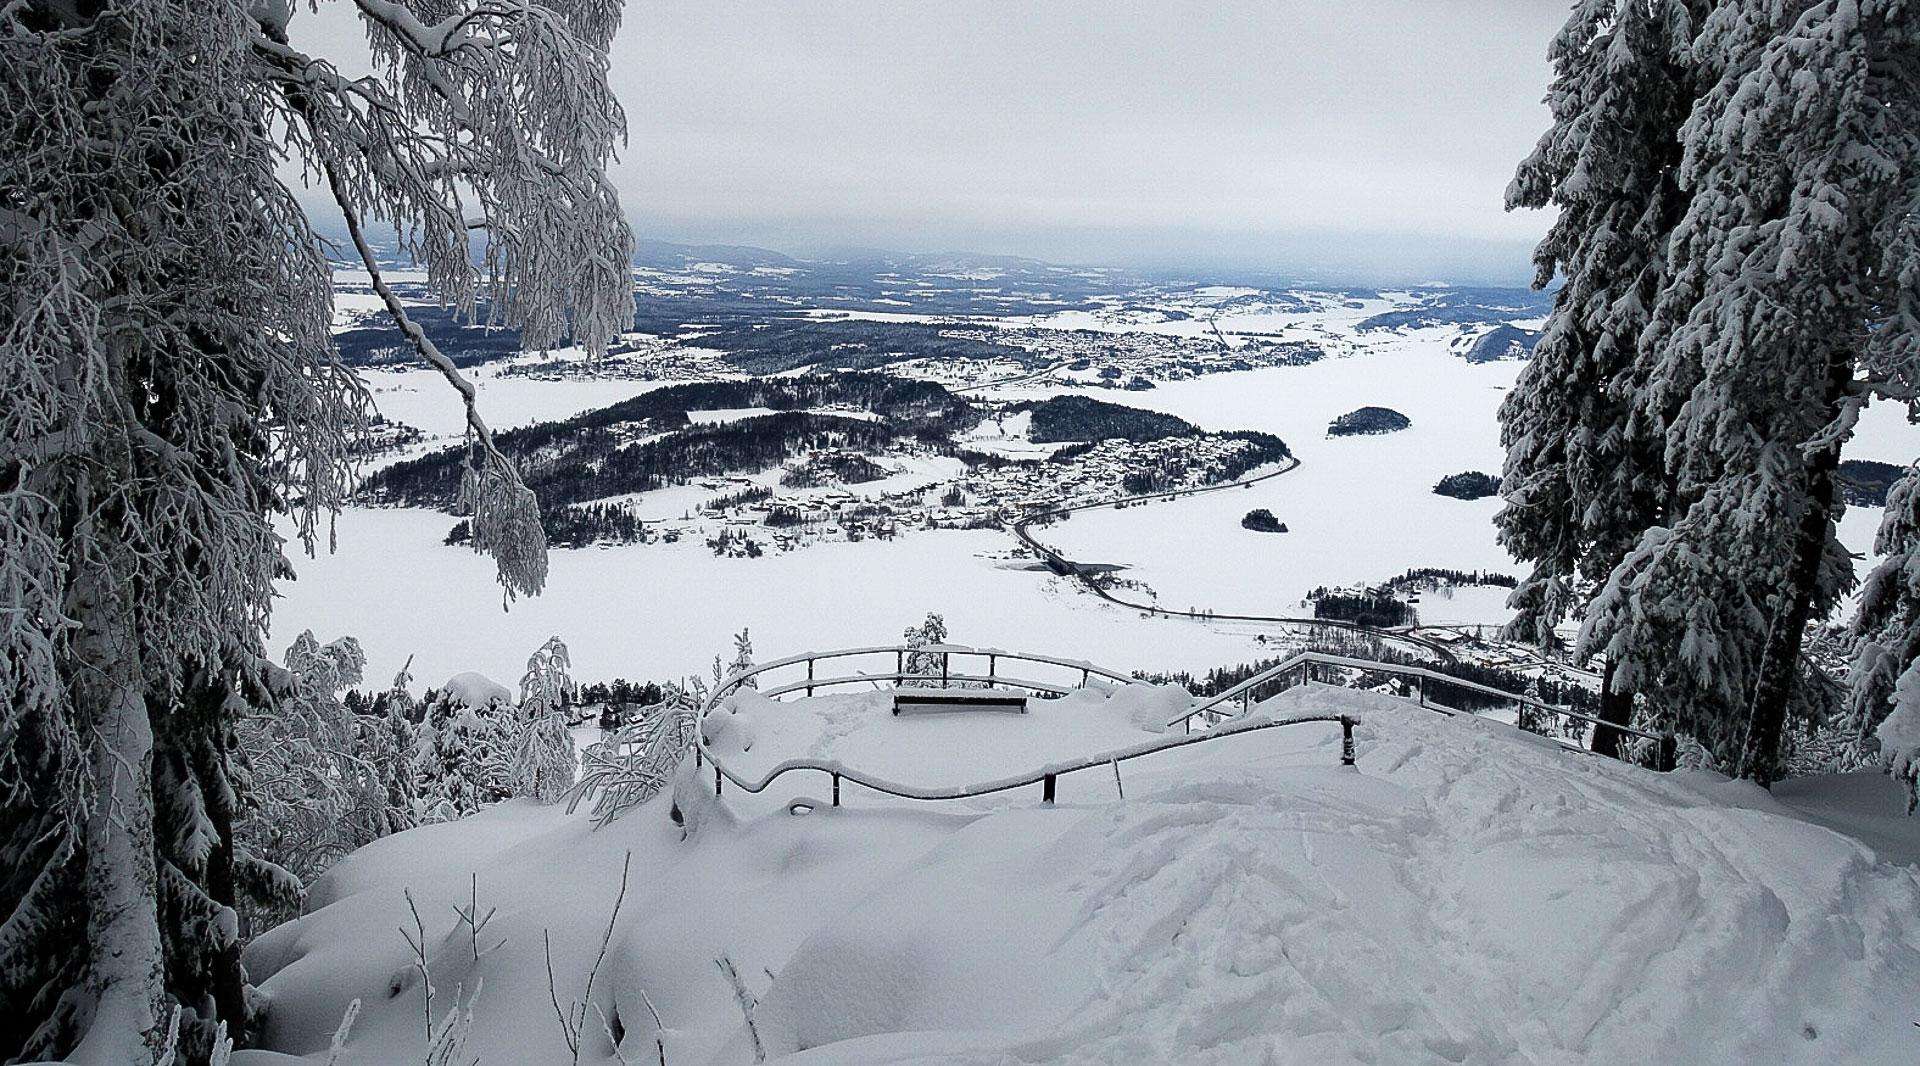 Fra Kongens utsikt ser vi Tyrifjorden, Steinsfjorden og store deler av Ringerike. Navnet har opprinnelse fra da kong Karl Johan var her i 1832. Det går sti og skiløype opp hit fra Kleivstua. Foto: Bjørnar Eidsmo.